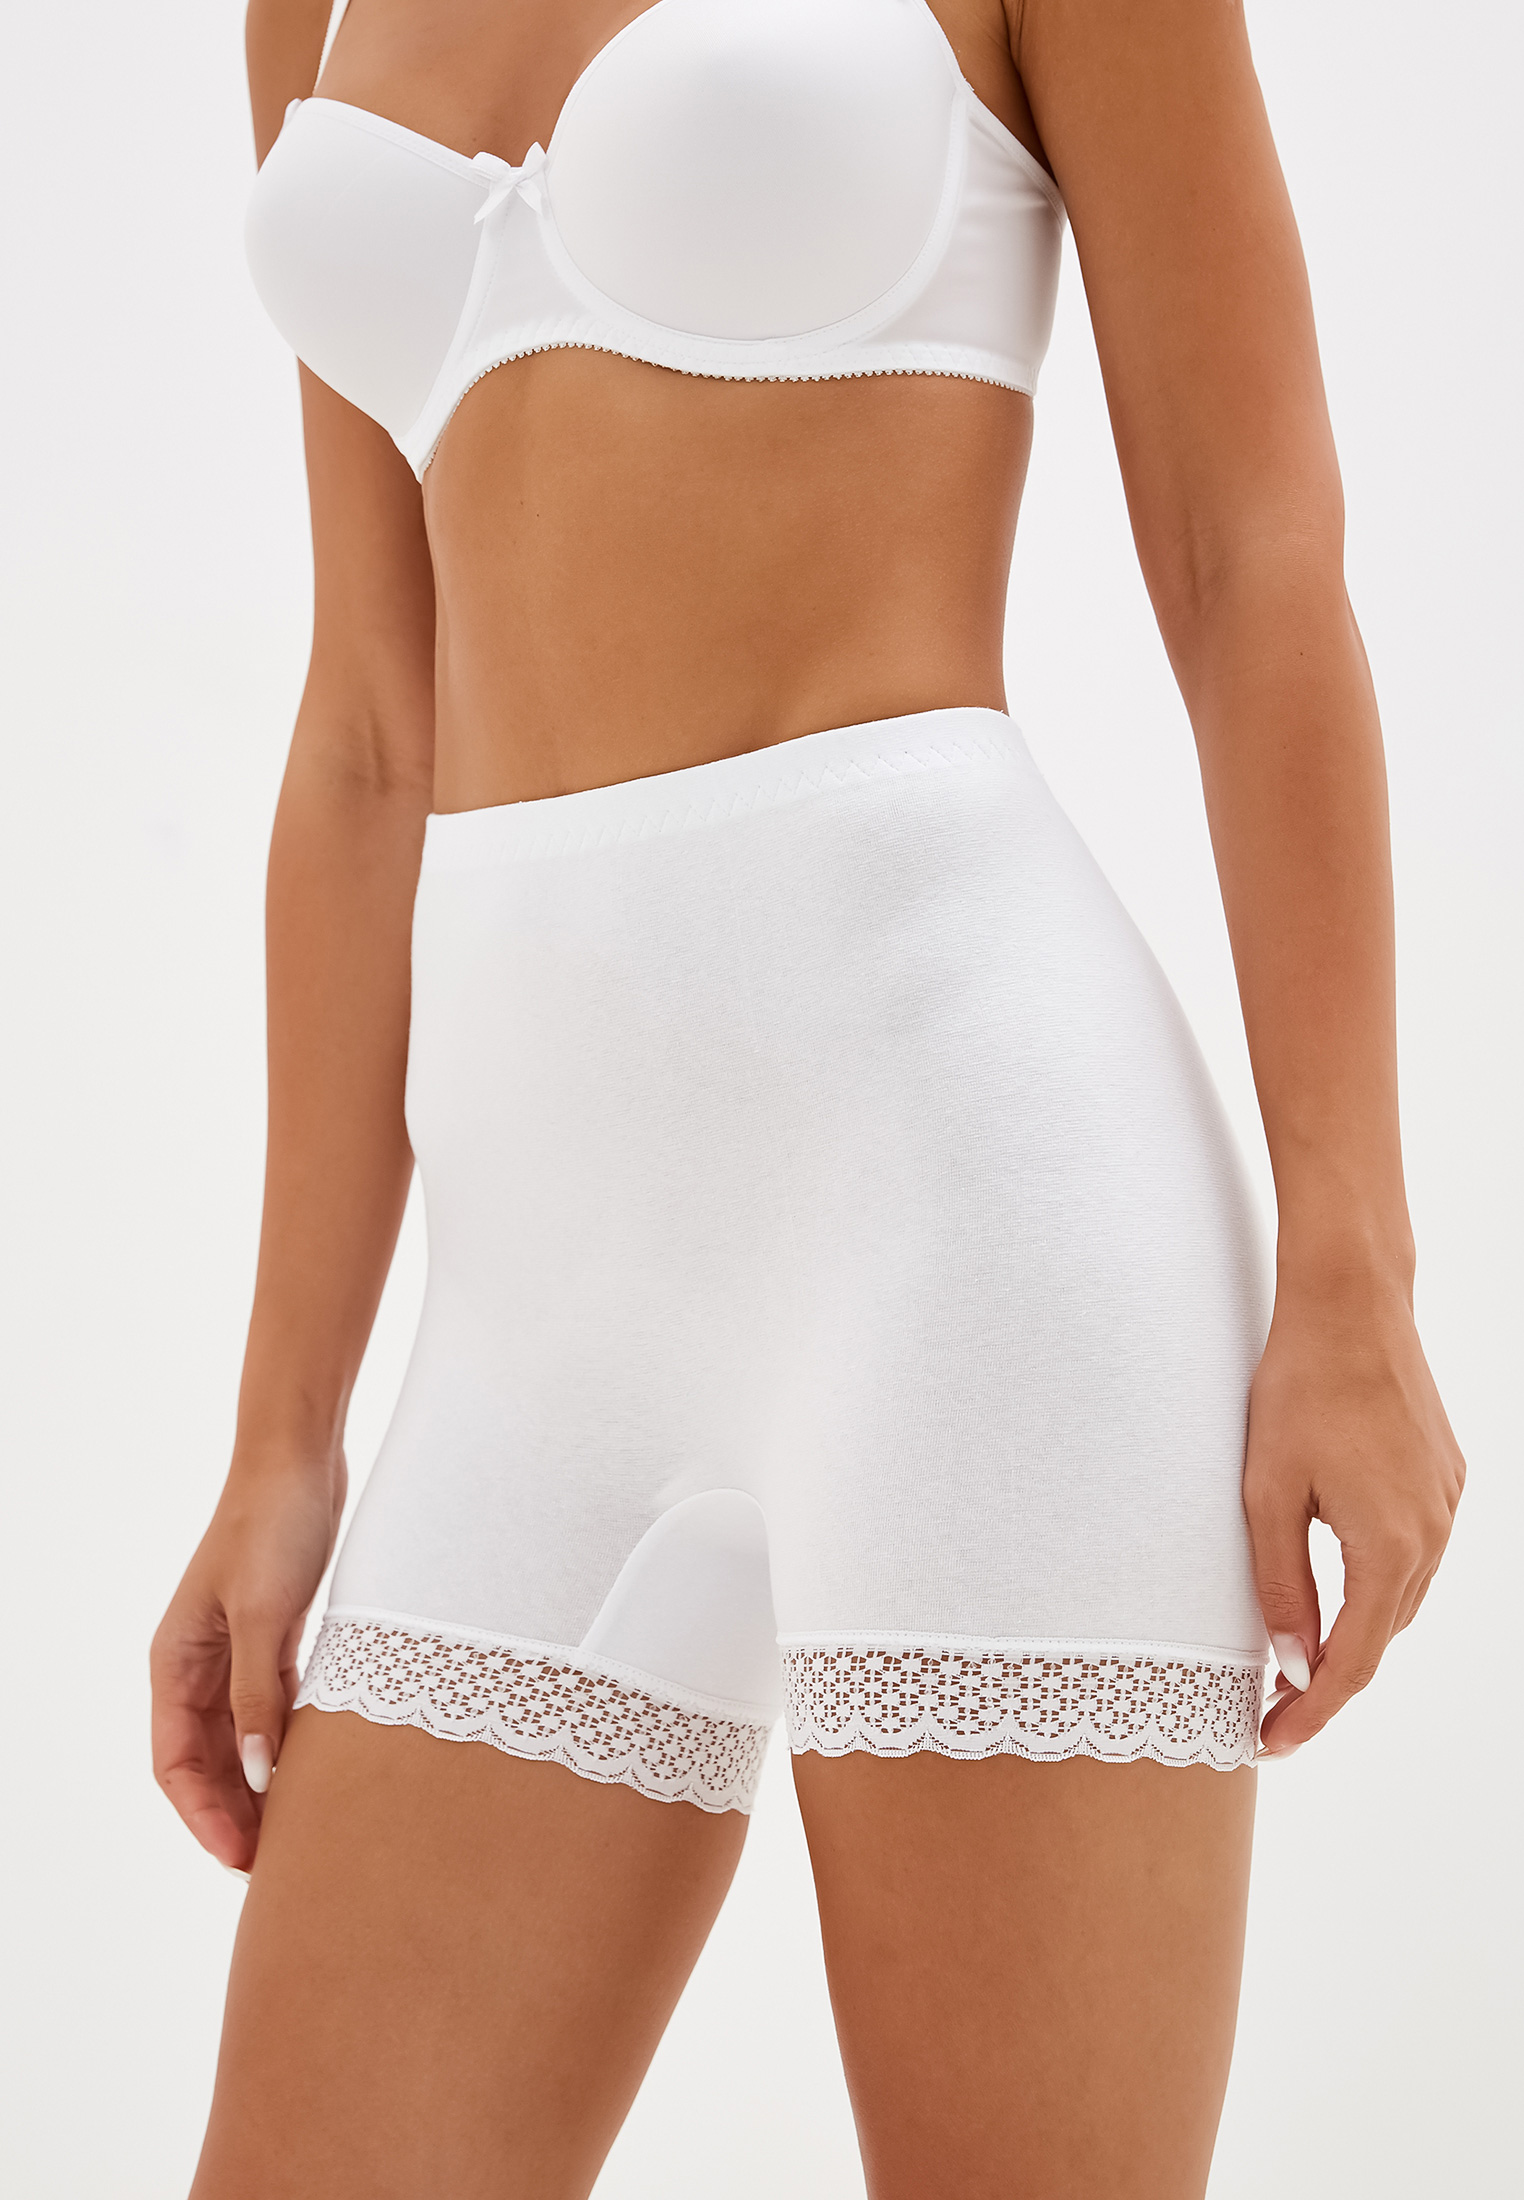 Панталоны женские НОВОЕ ВРЕМЯ T013 белые 44 RU